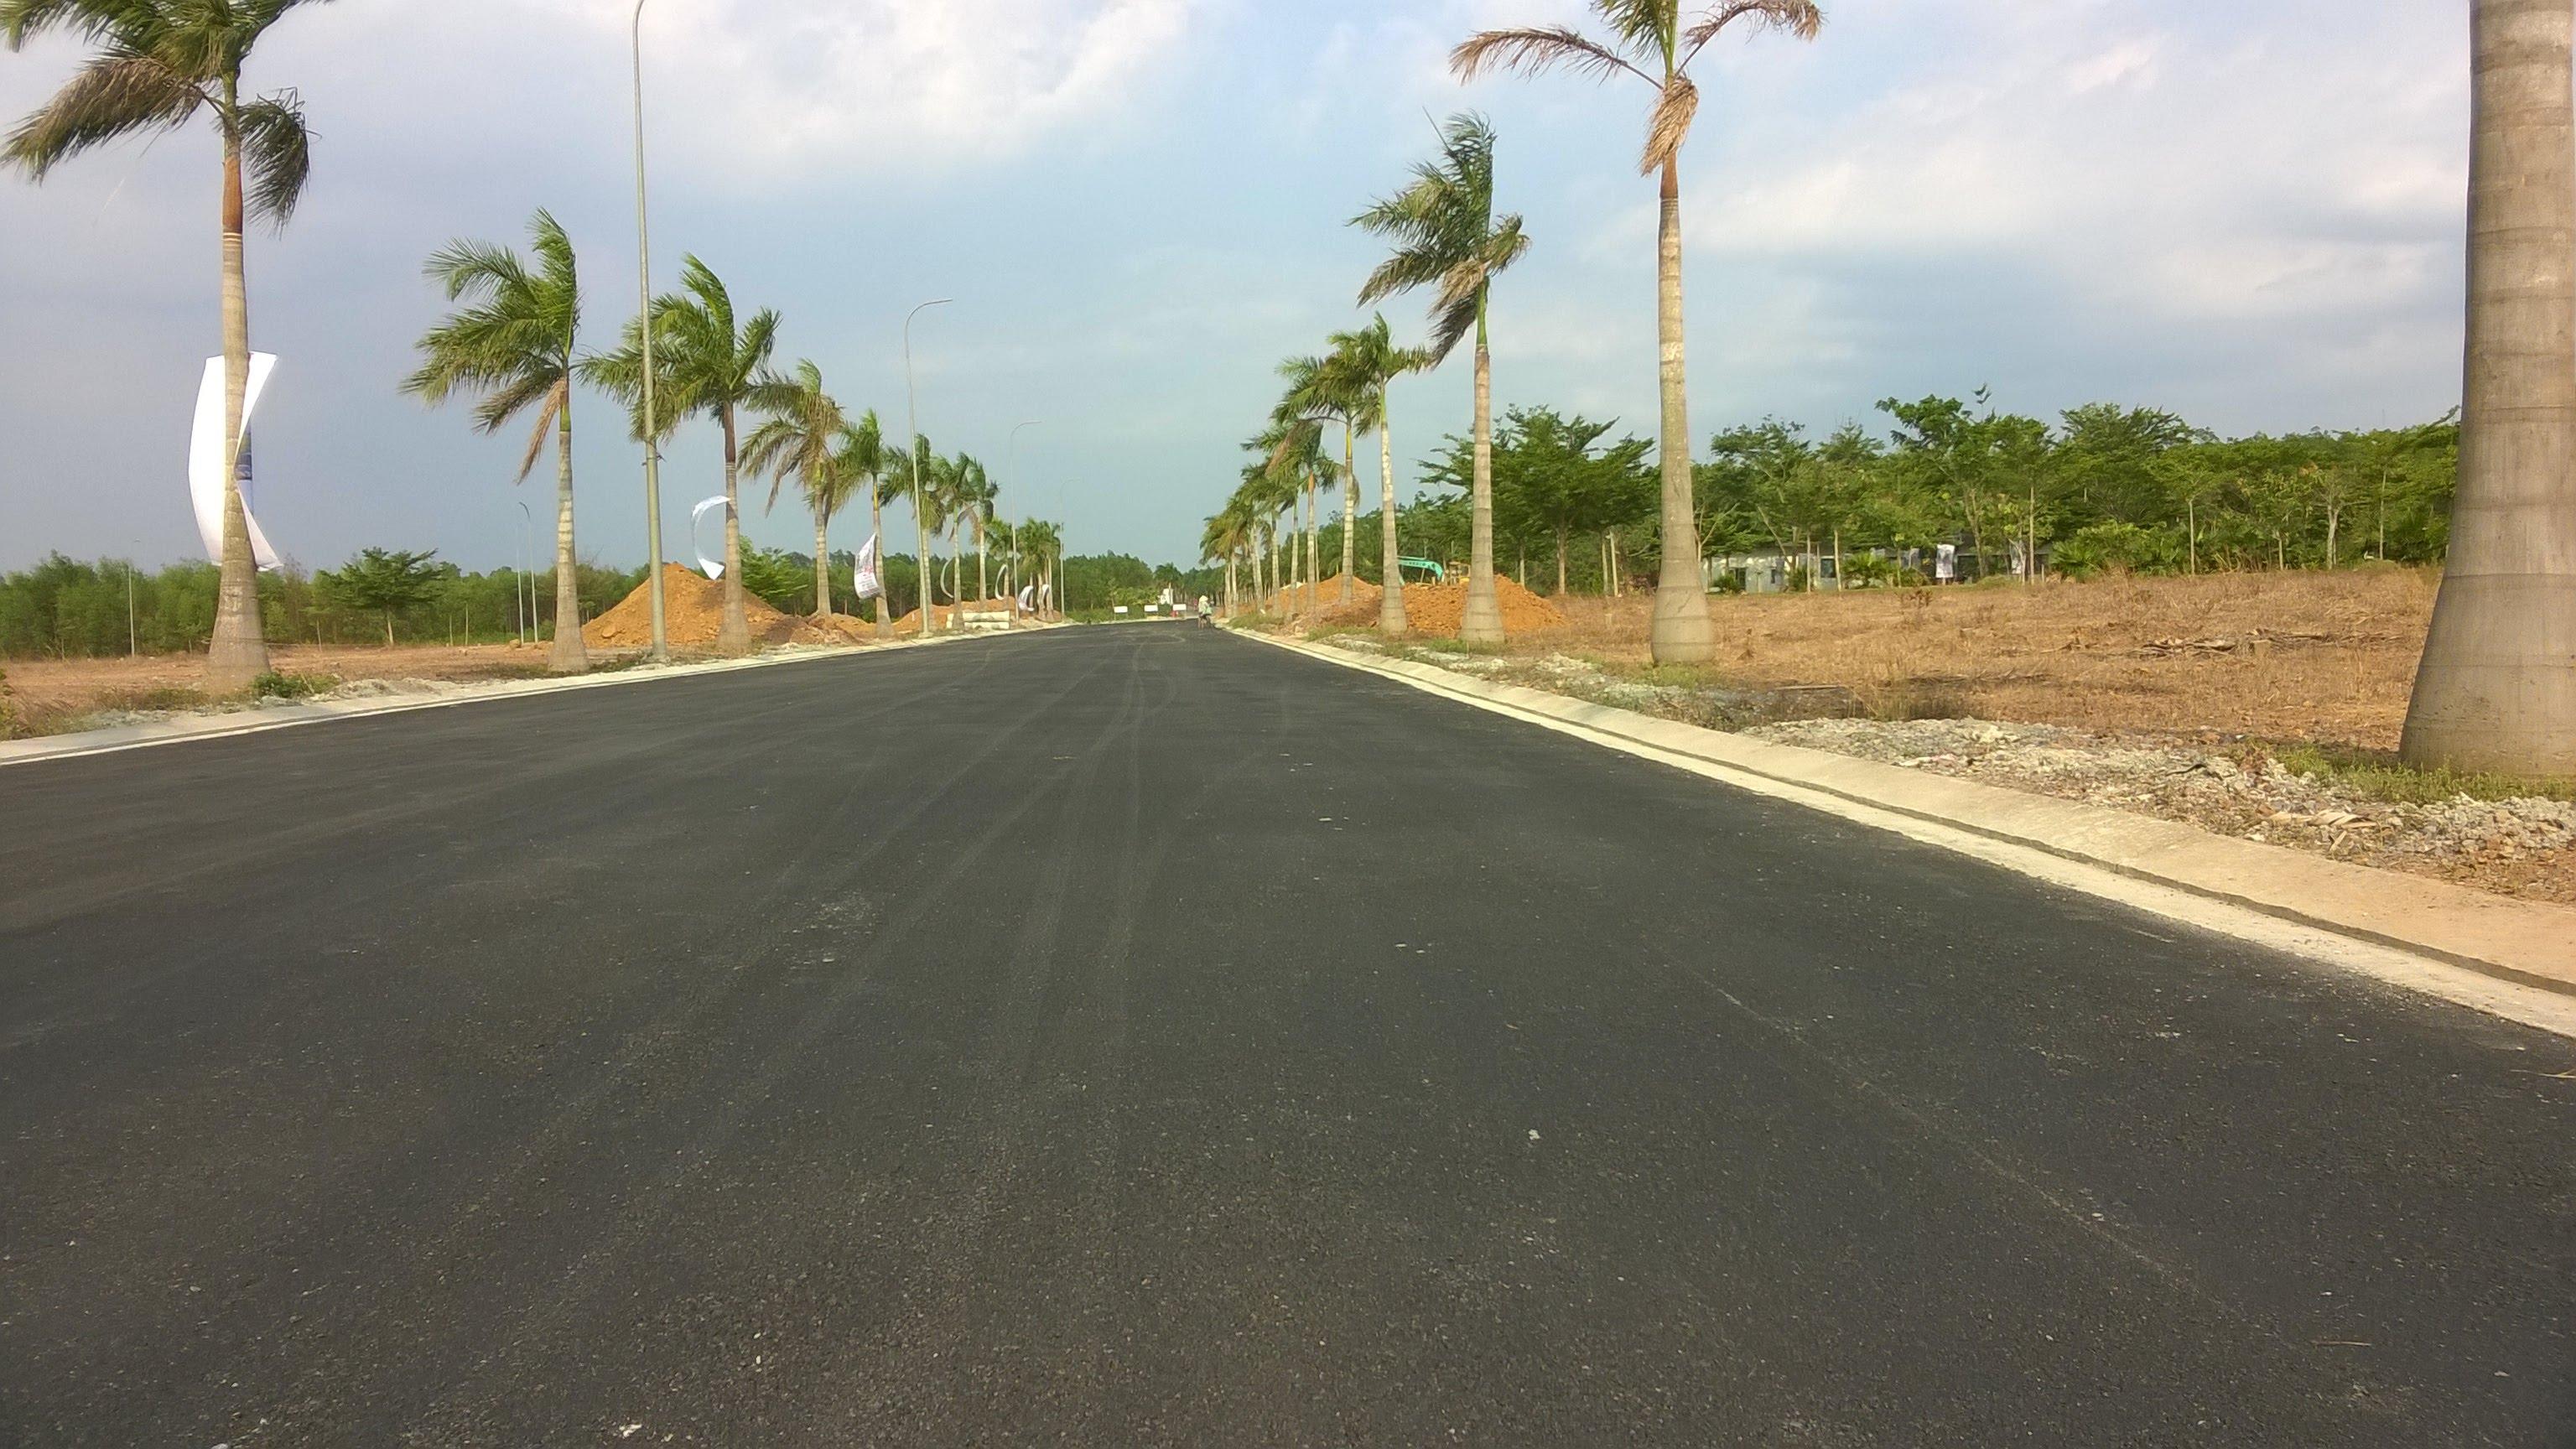 Công ty  BĐS Long Điền - Cơ hội vàng cho nhà đầu tư sở hữu đất ngay sân bay Long Thành với giá rẻ